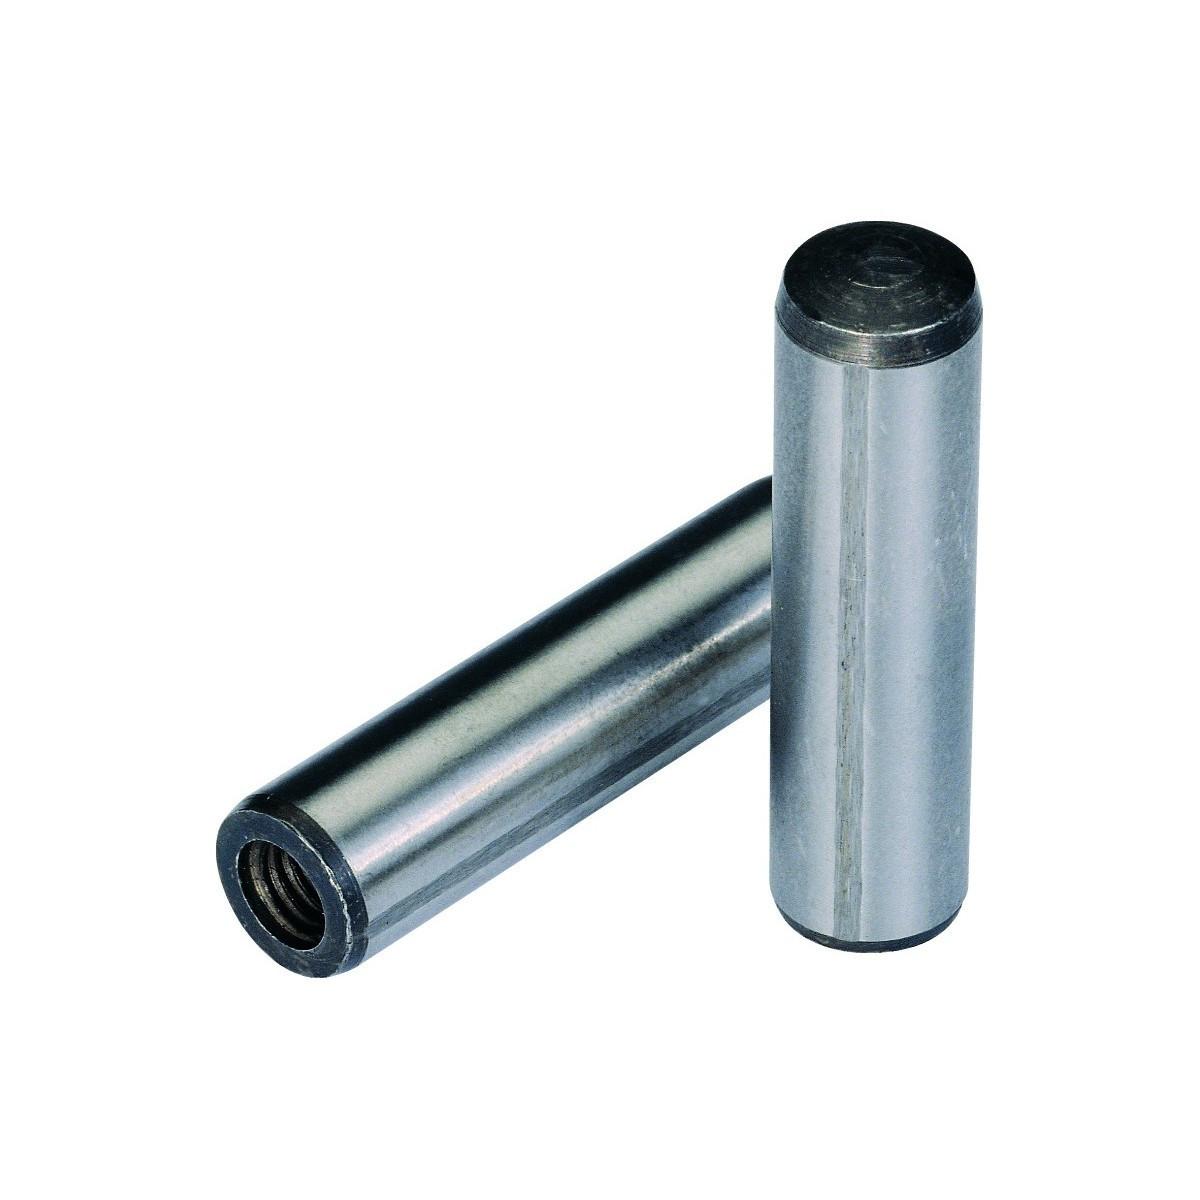 Штифт циліндричний MMG DIN 7979D M8 х 40 Клас 10.9 (Фосфат) 1 шт